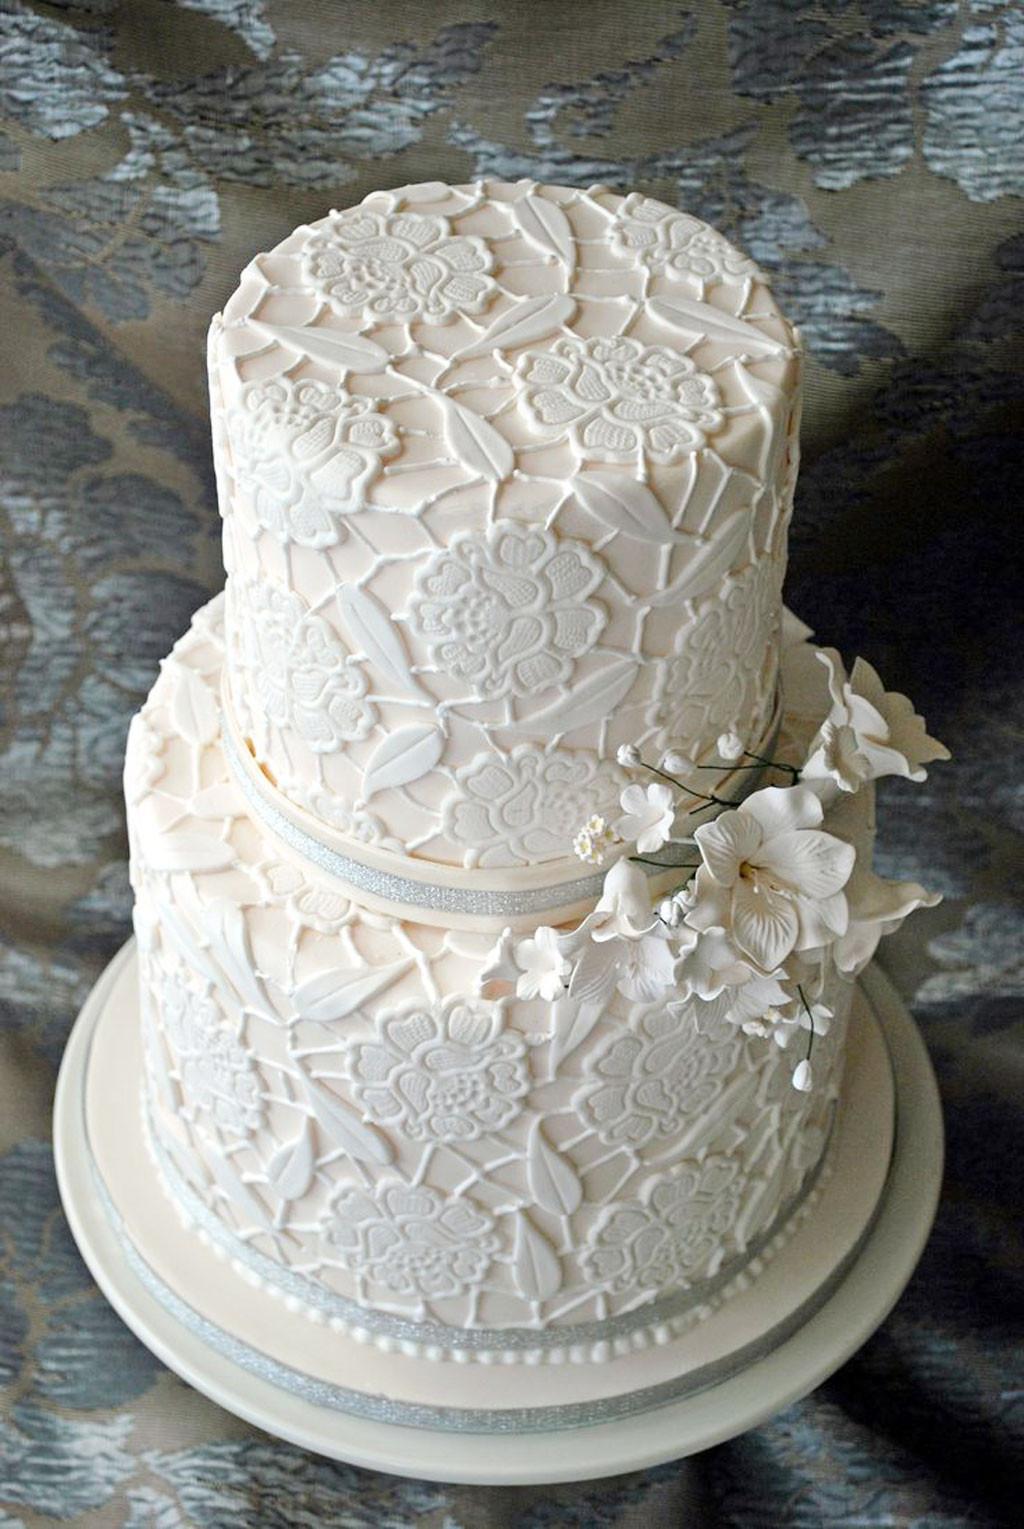 Two Layered Wedding Cakes  Double Layer Wedding Cake Pic 6 Wedding Cake Cake Ideas